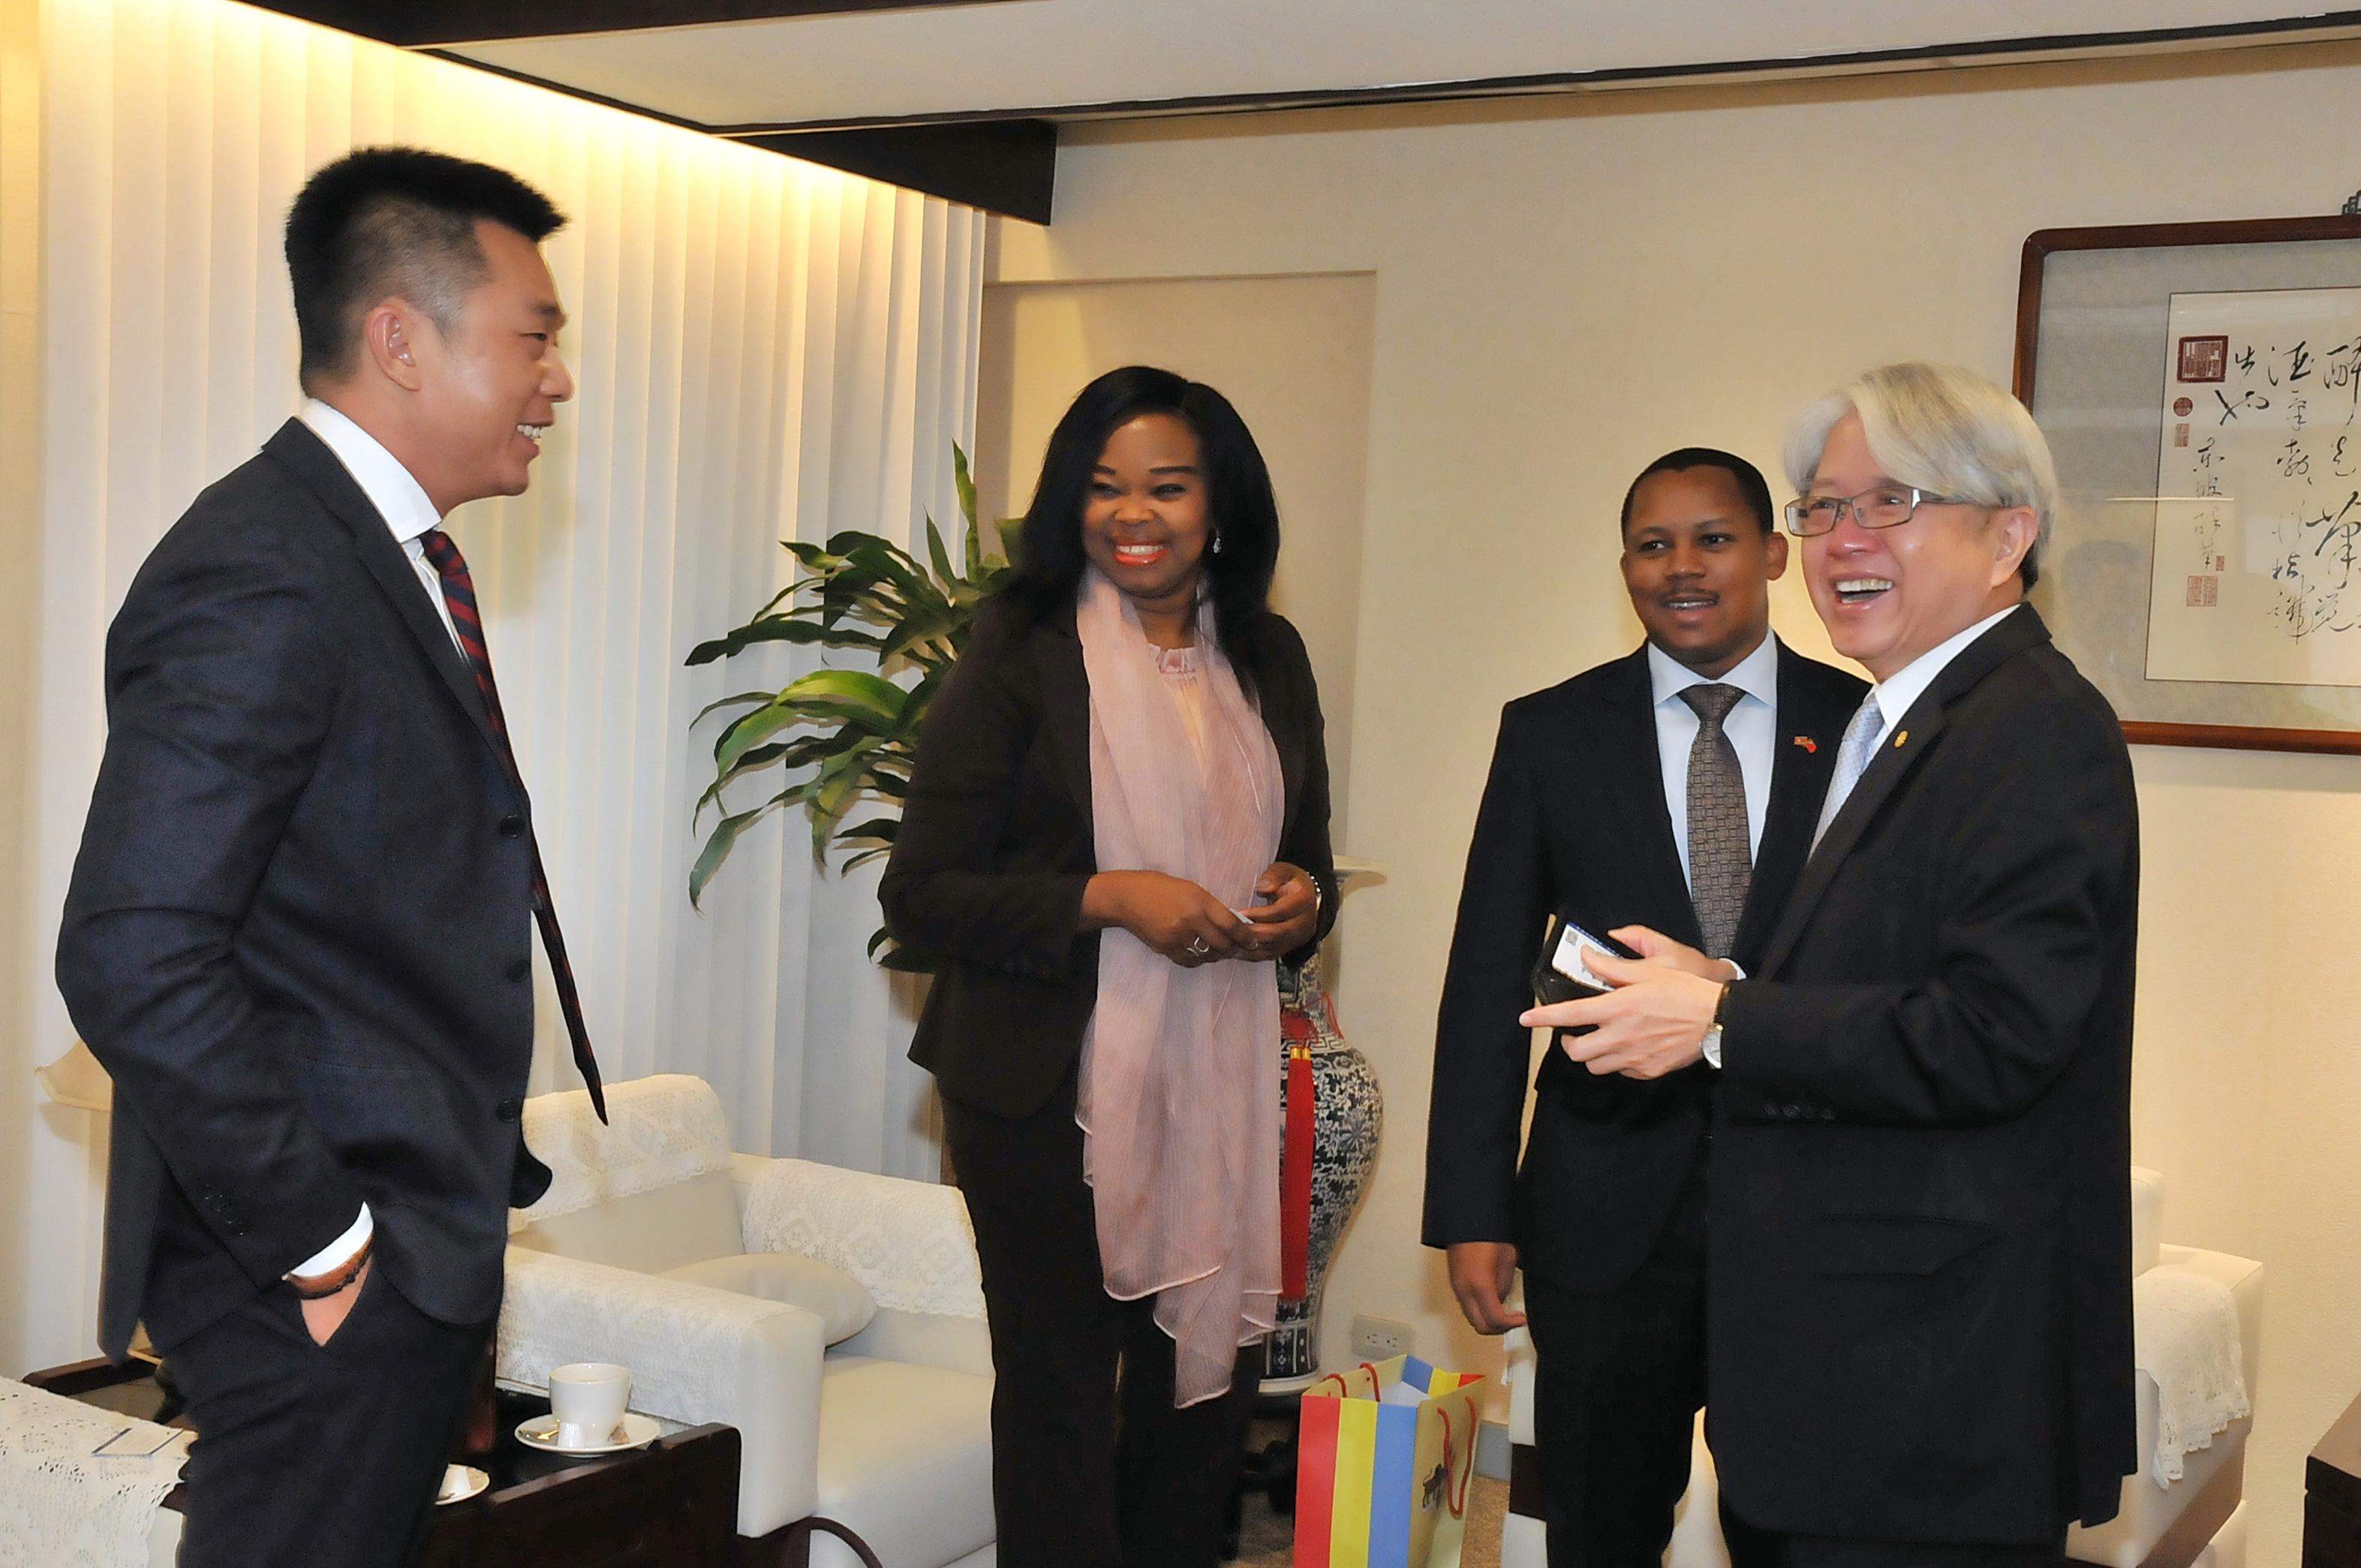 圖片說明-我國友邦史瓦帝尼王國大使Mr. Thamie Dlamini來訪